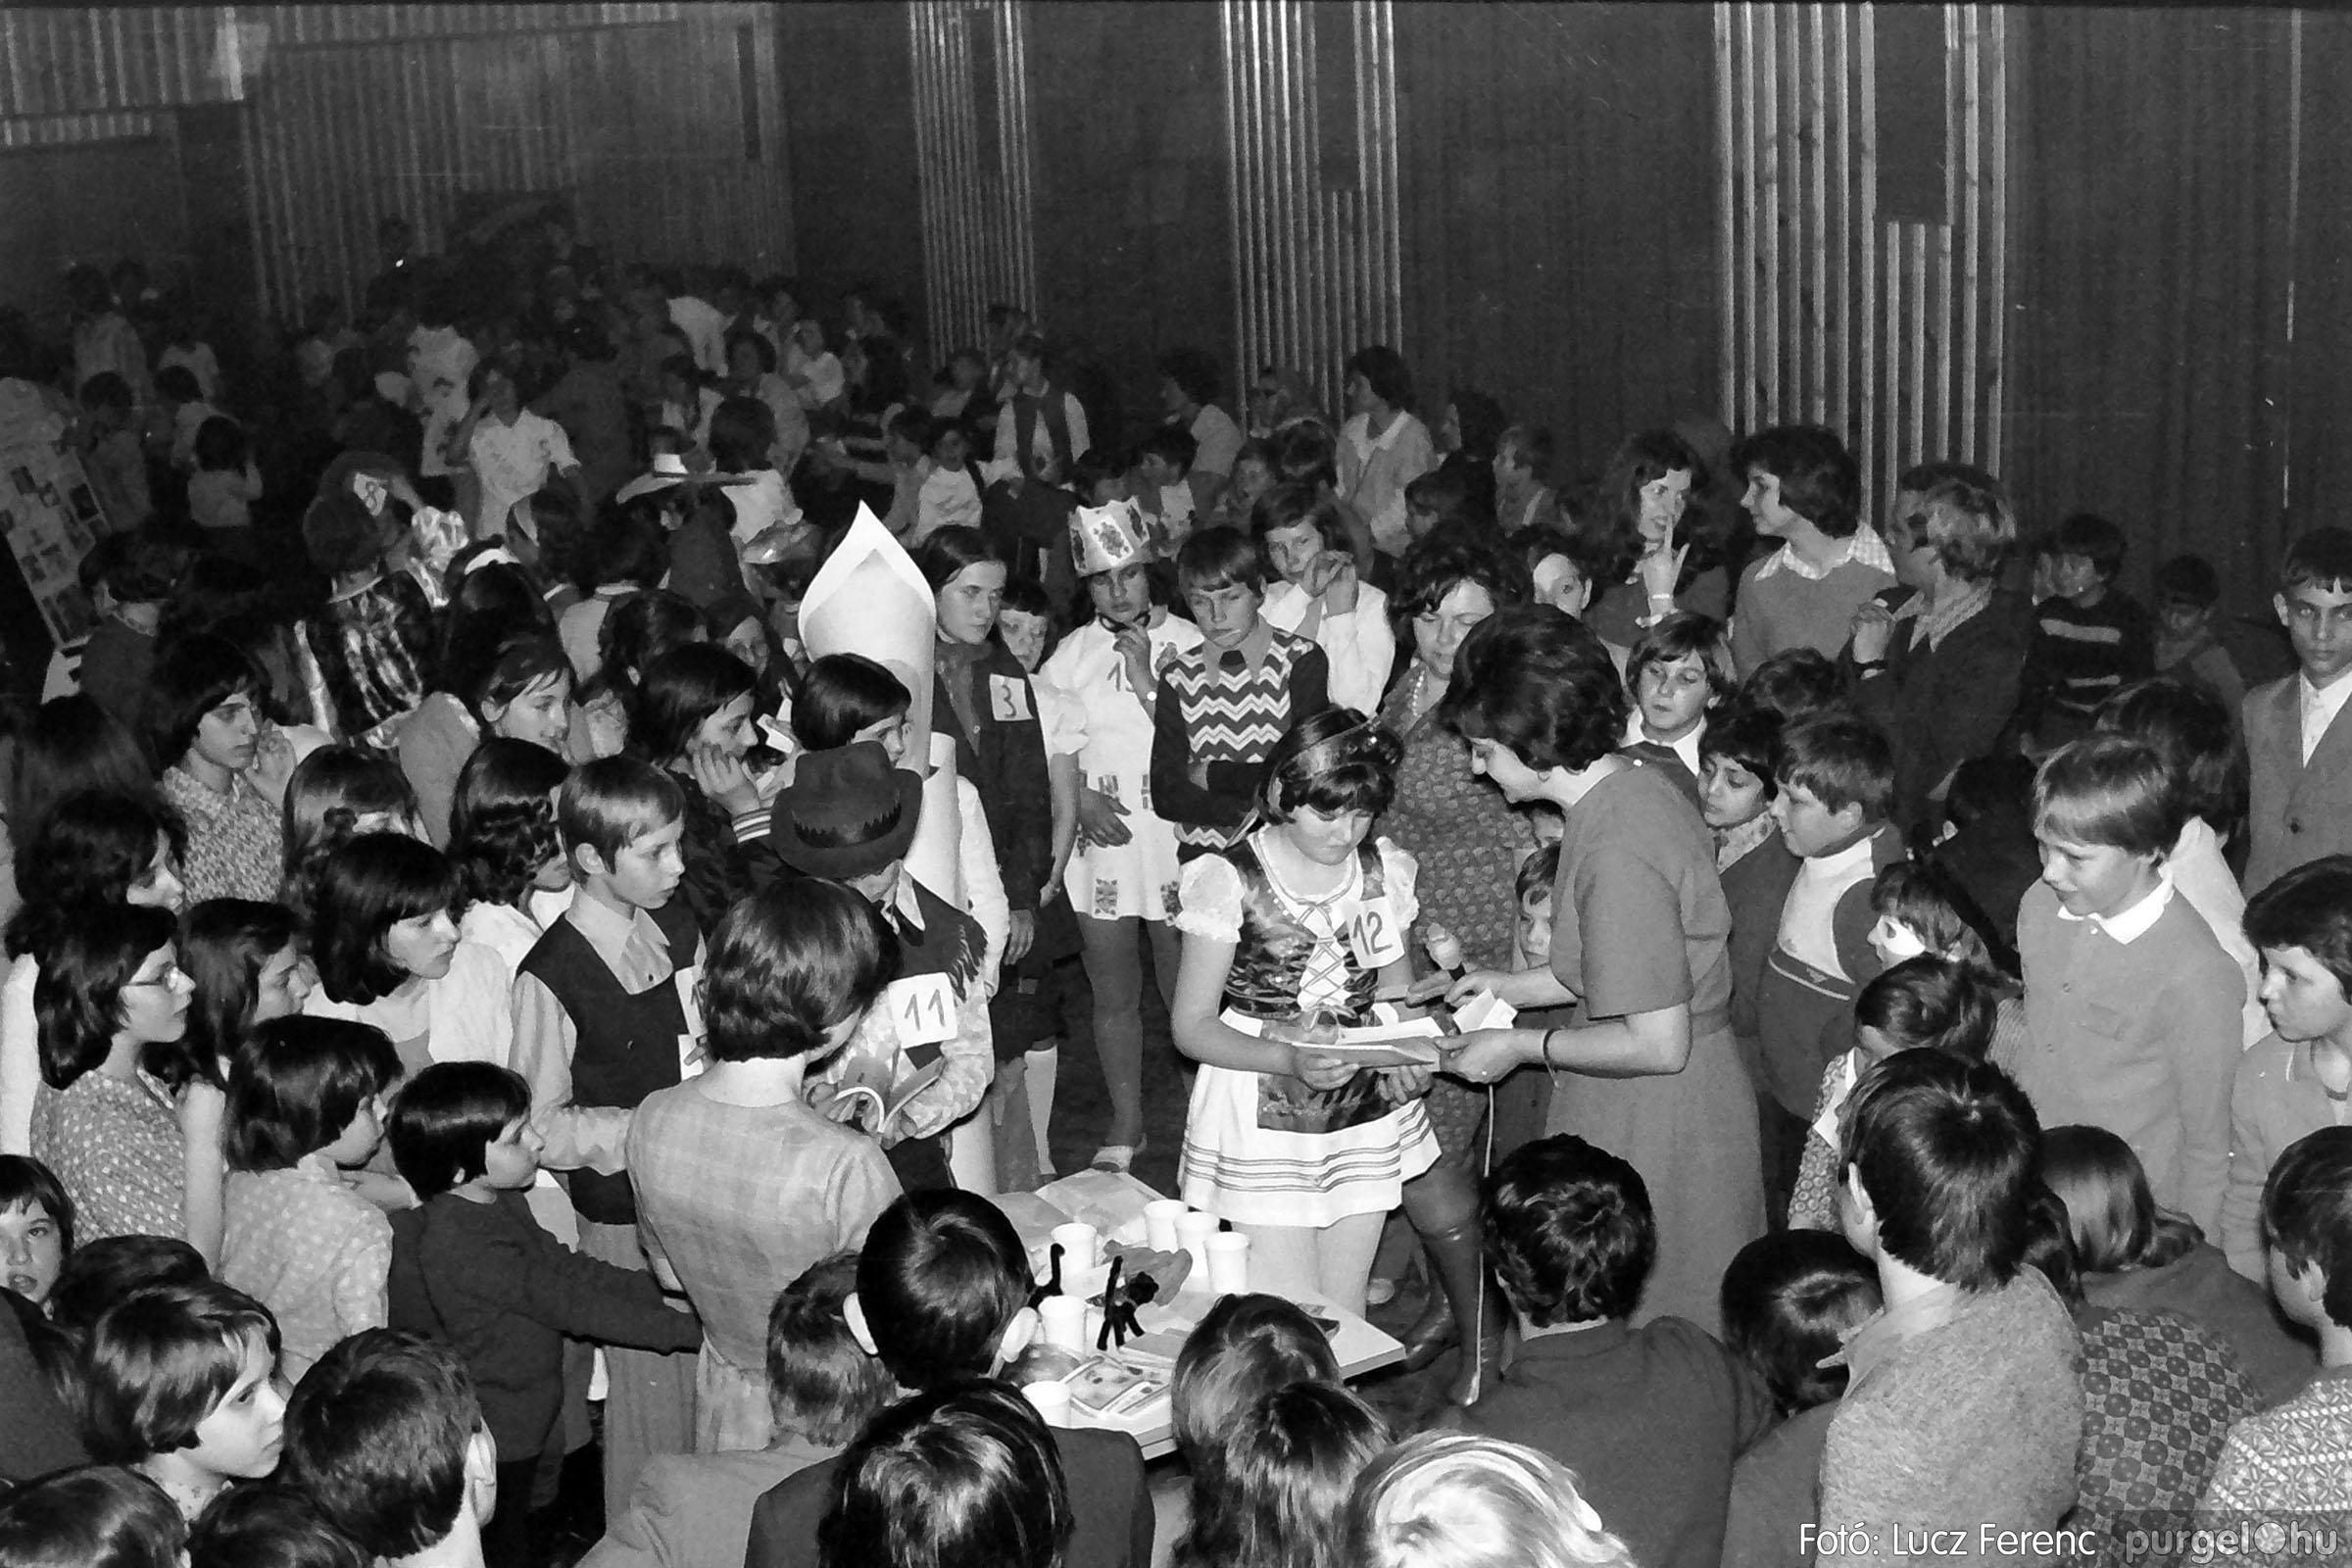 035. 1976. Iskolai farsang a kultúrházban 029 - Fotó: Lucz Ferenc.jpg